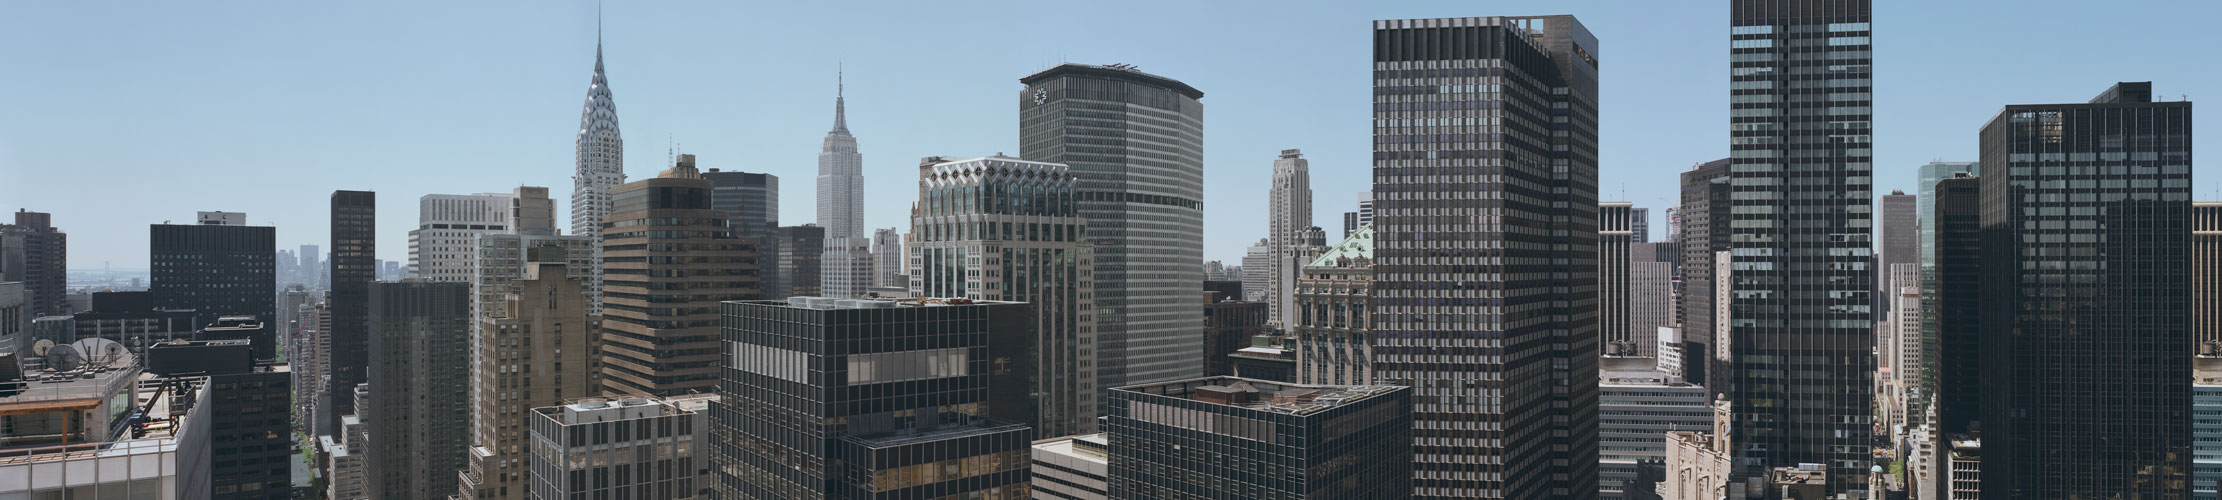 Maid in Manhattan translite, Richard Lund translite photographer, Midtown Manhattan Skyline